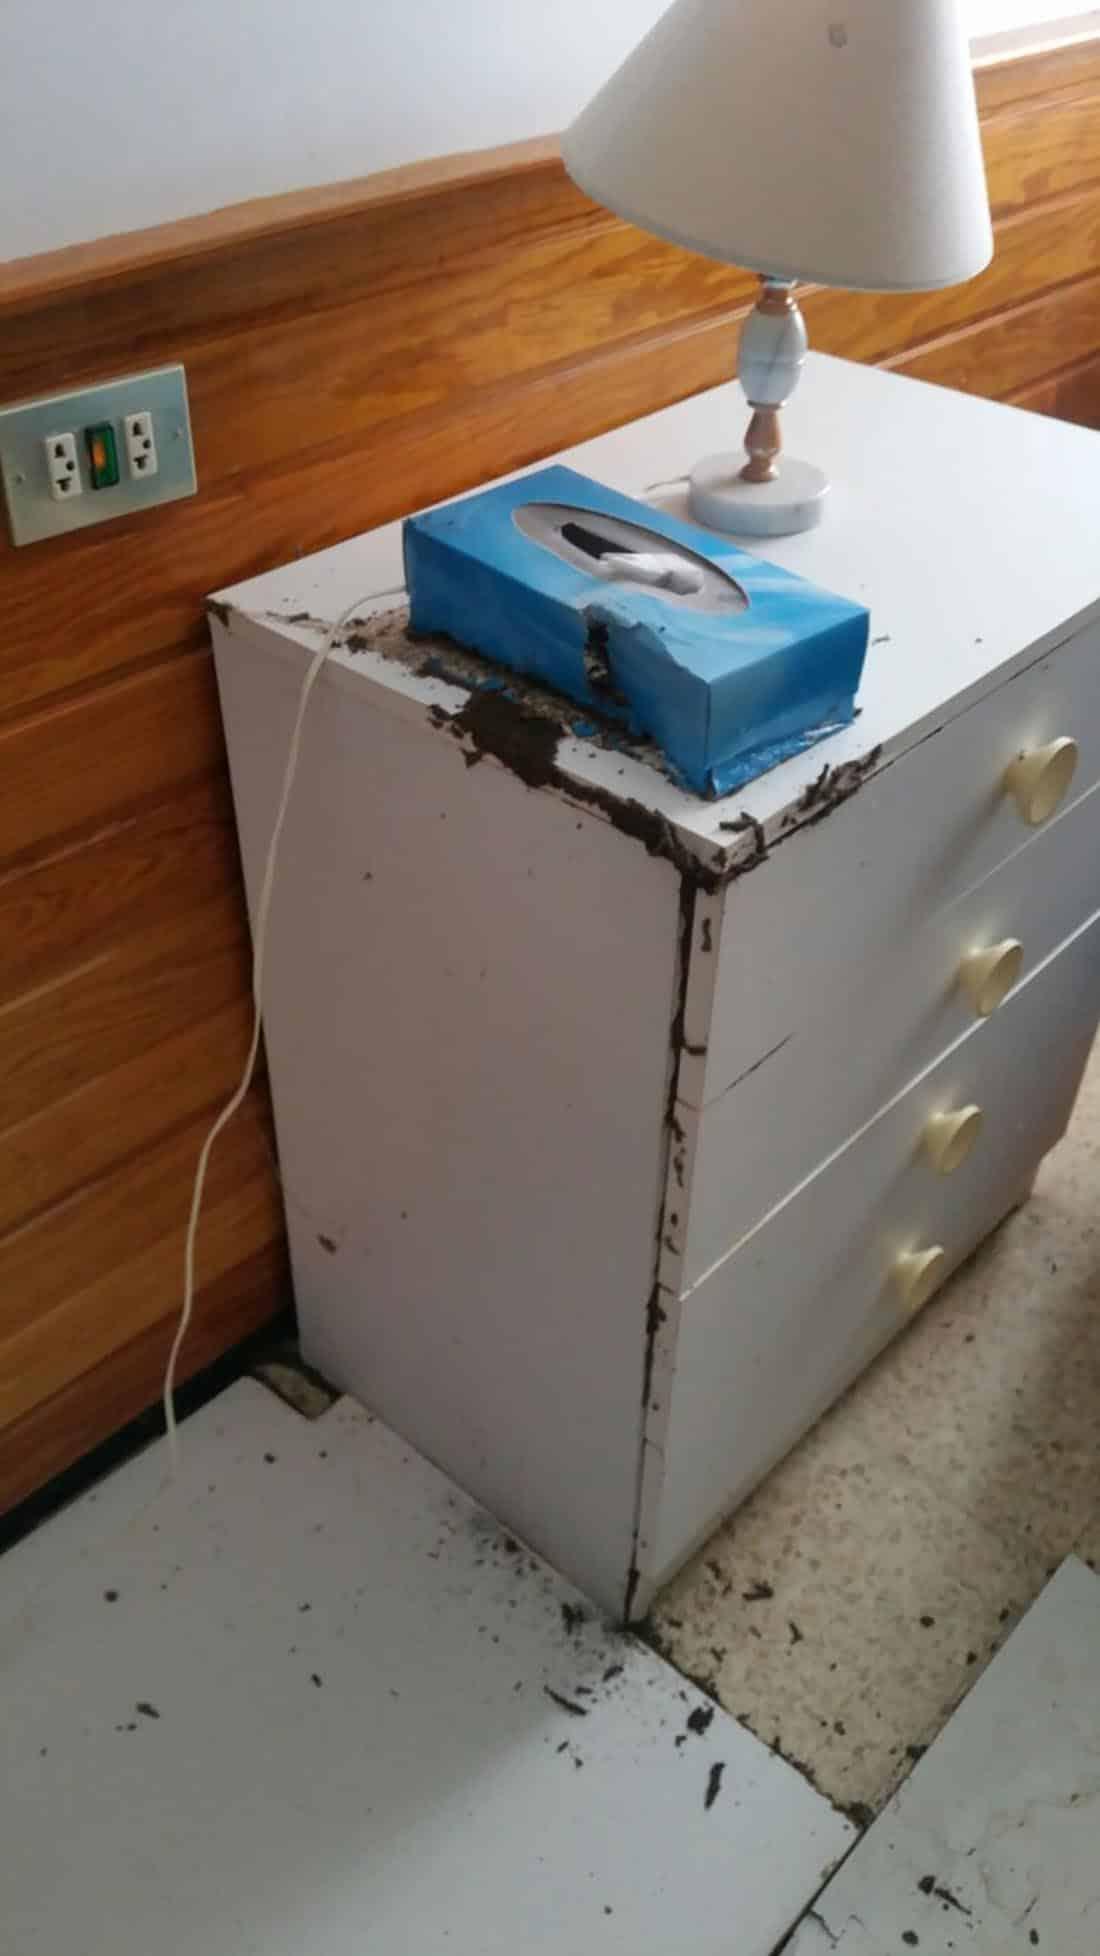 Vivienda «tomada por las termitas». Mueble -y caja de clinex- atacado por la termitas.